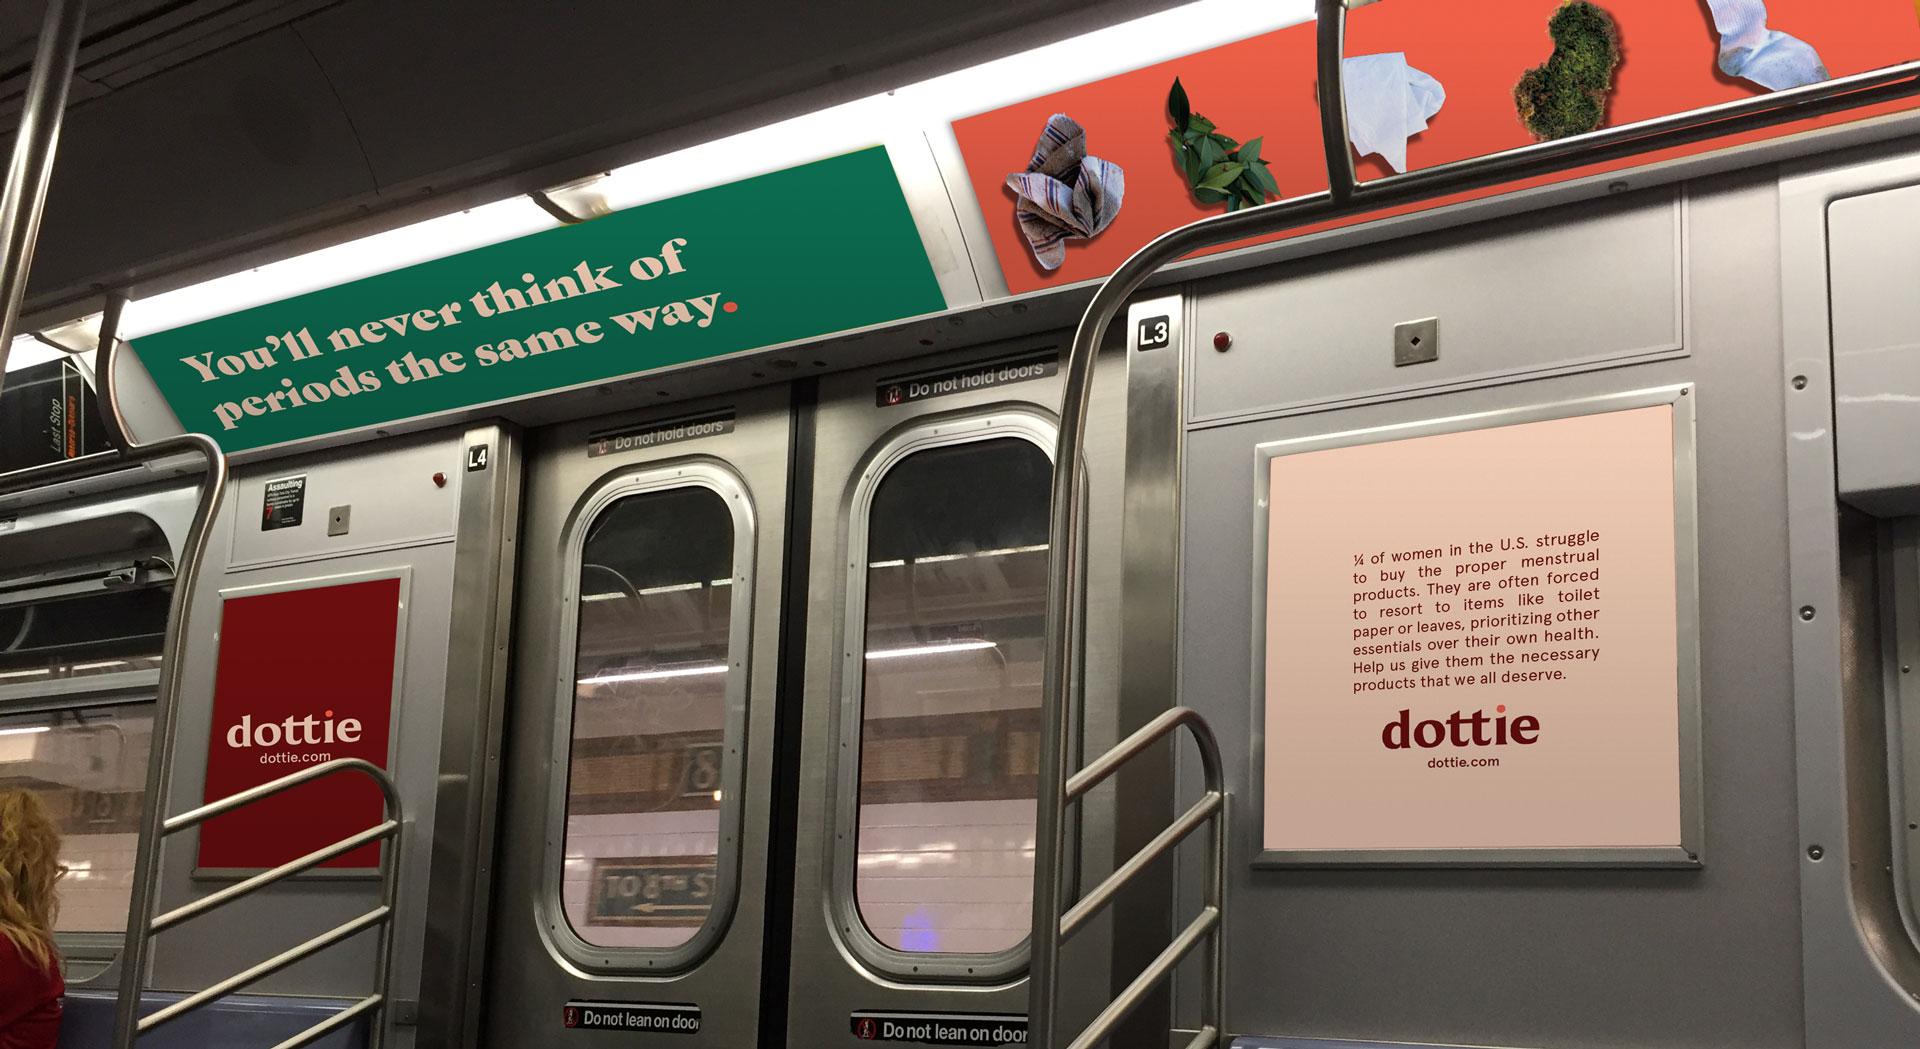 dottie-subway-ads.jpg